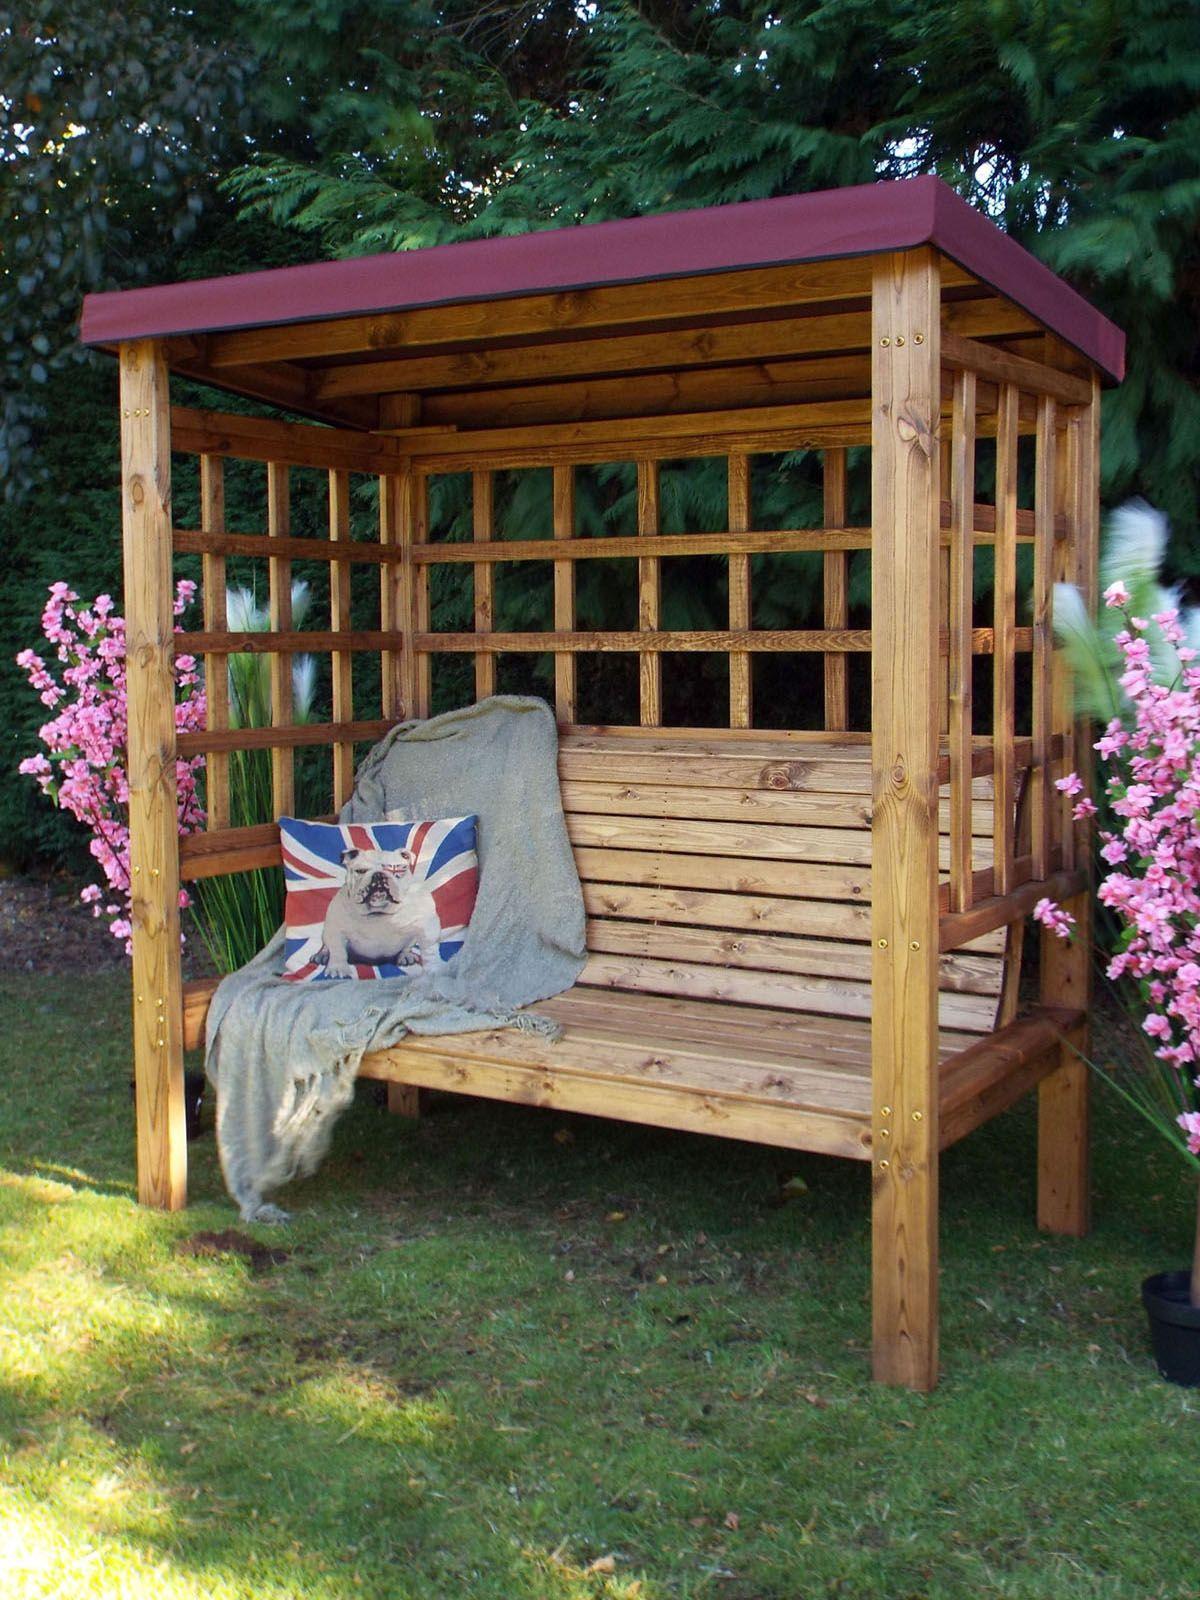 Arbours With Seats In 2020 Garden Arbour Seat Wooden Bench Outdoor Wooden Arbor